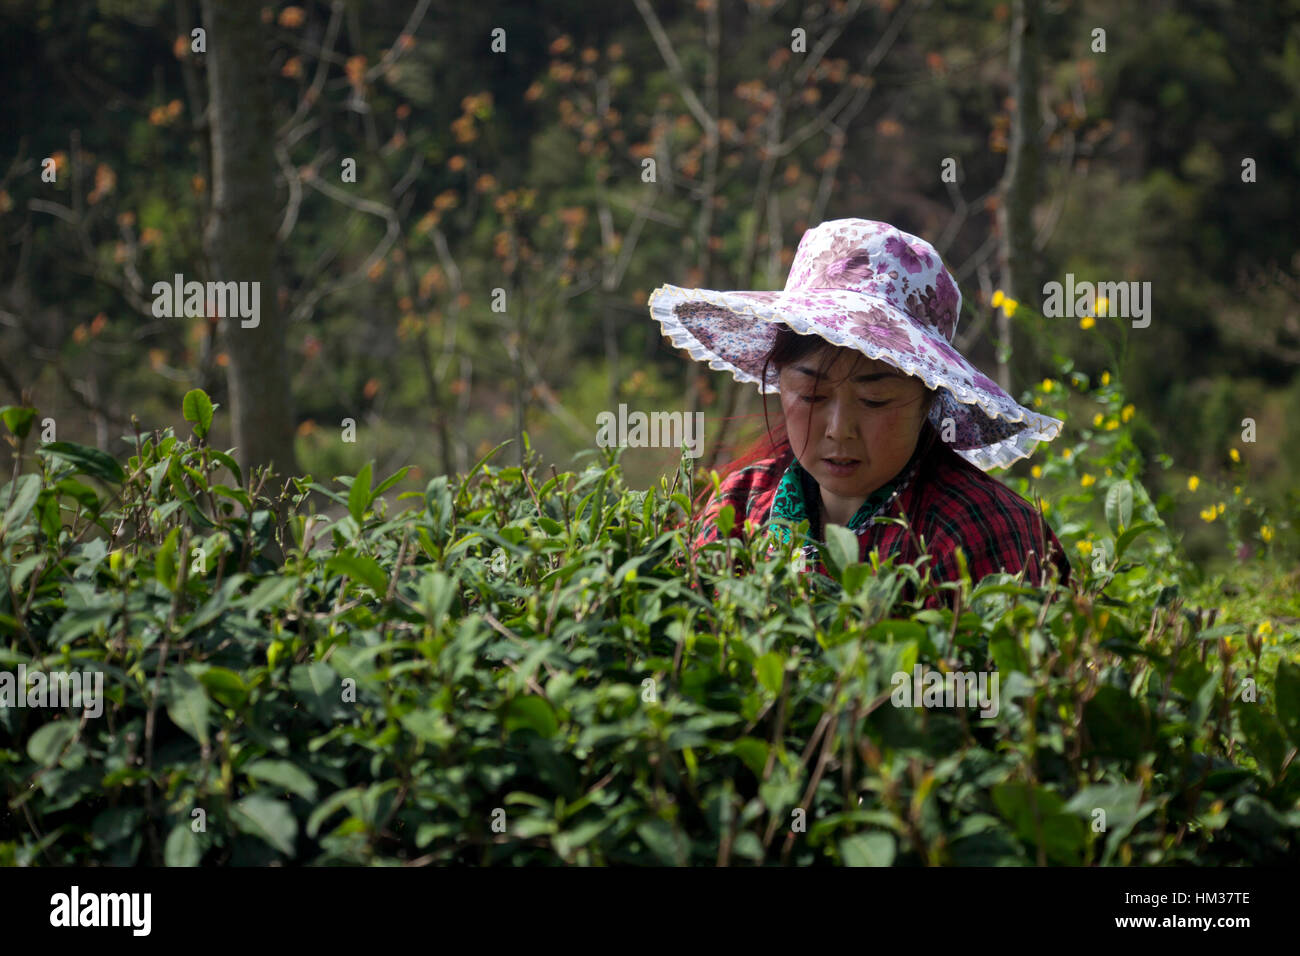 Una mujer recoge tiernos brotes de té durante la primera cosecha de té del año durante el festival Imagen De Stock